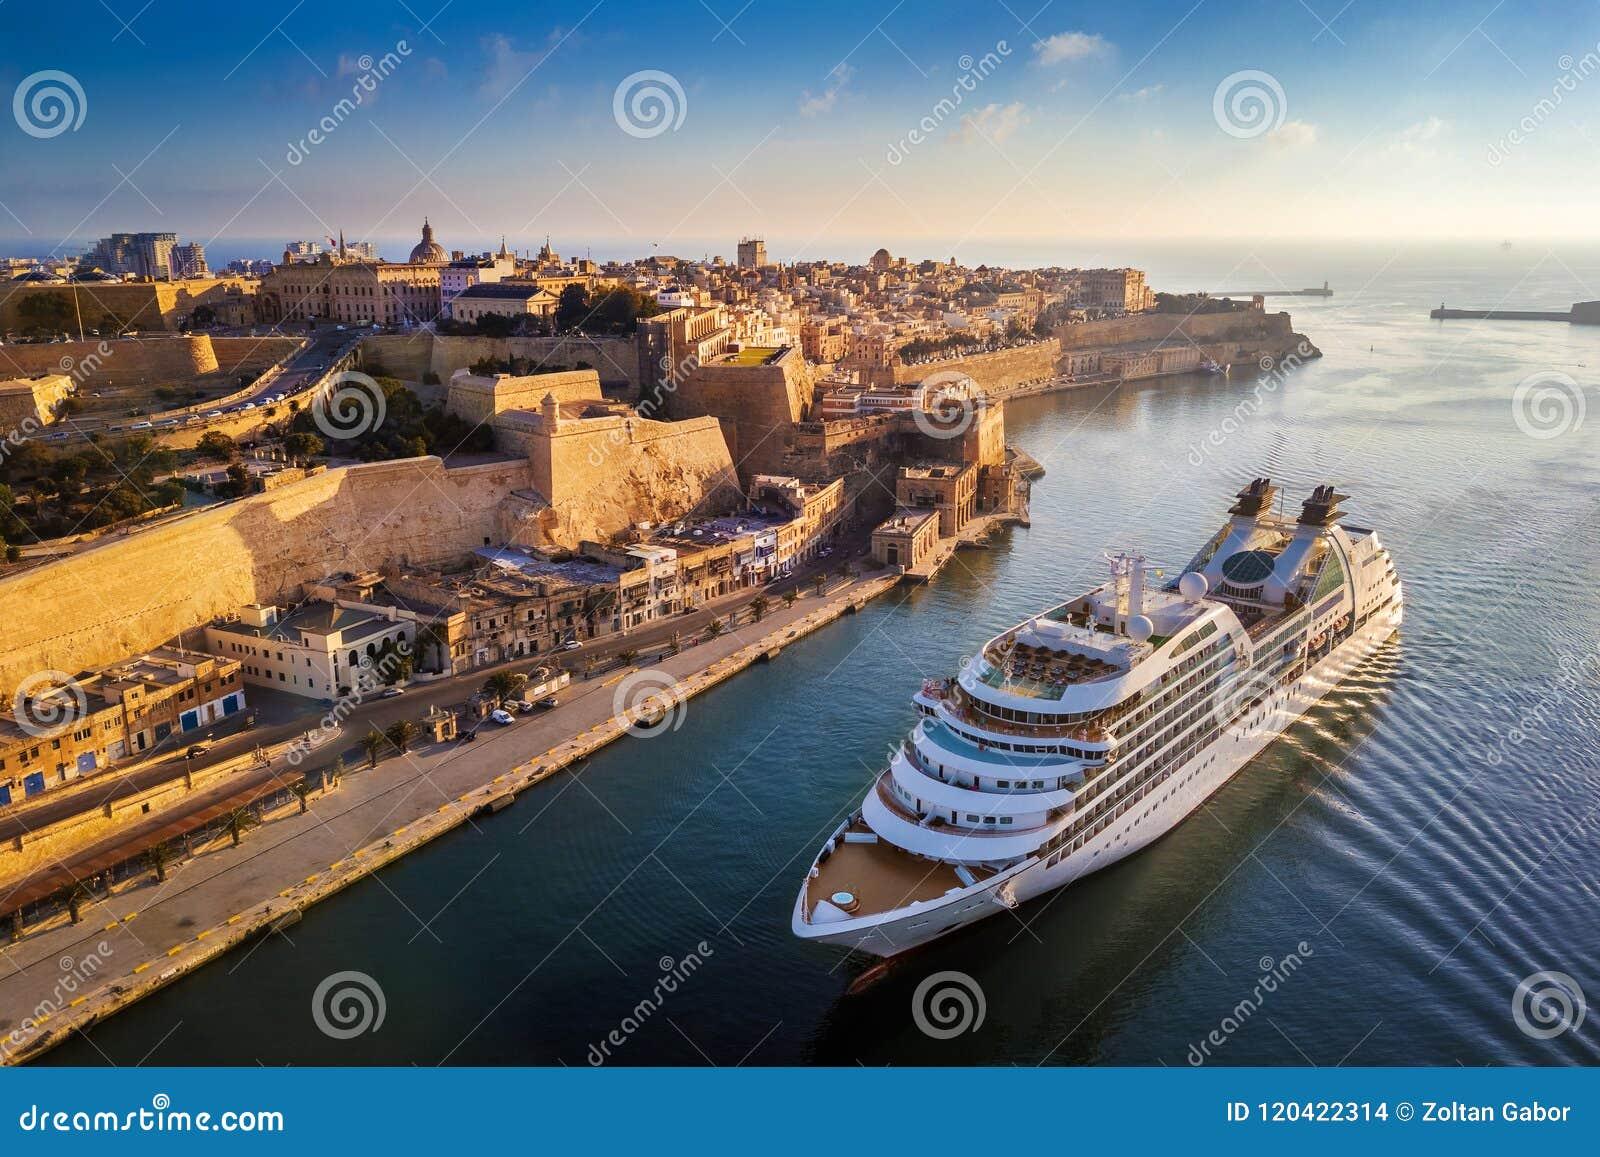 La Valletta, Malta - nave da crociera che assale grande porto all alba con la città antica di La Valletta